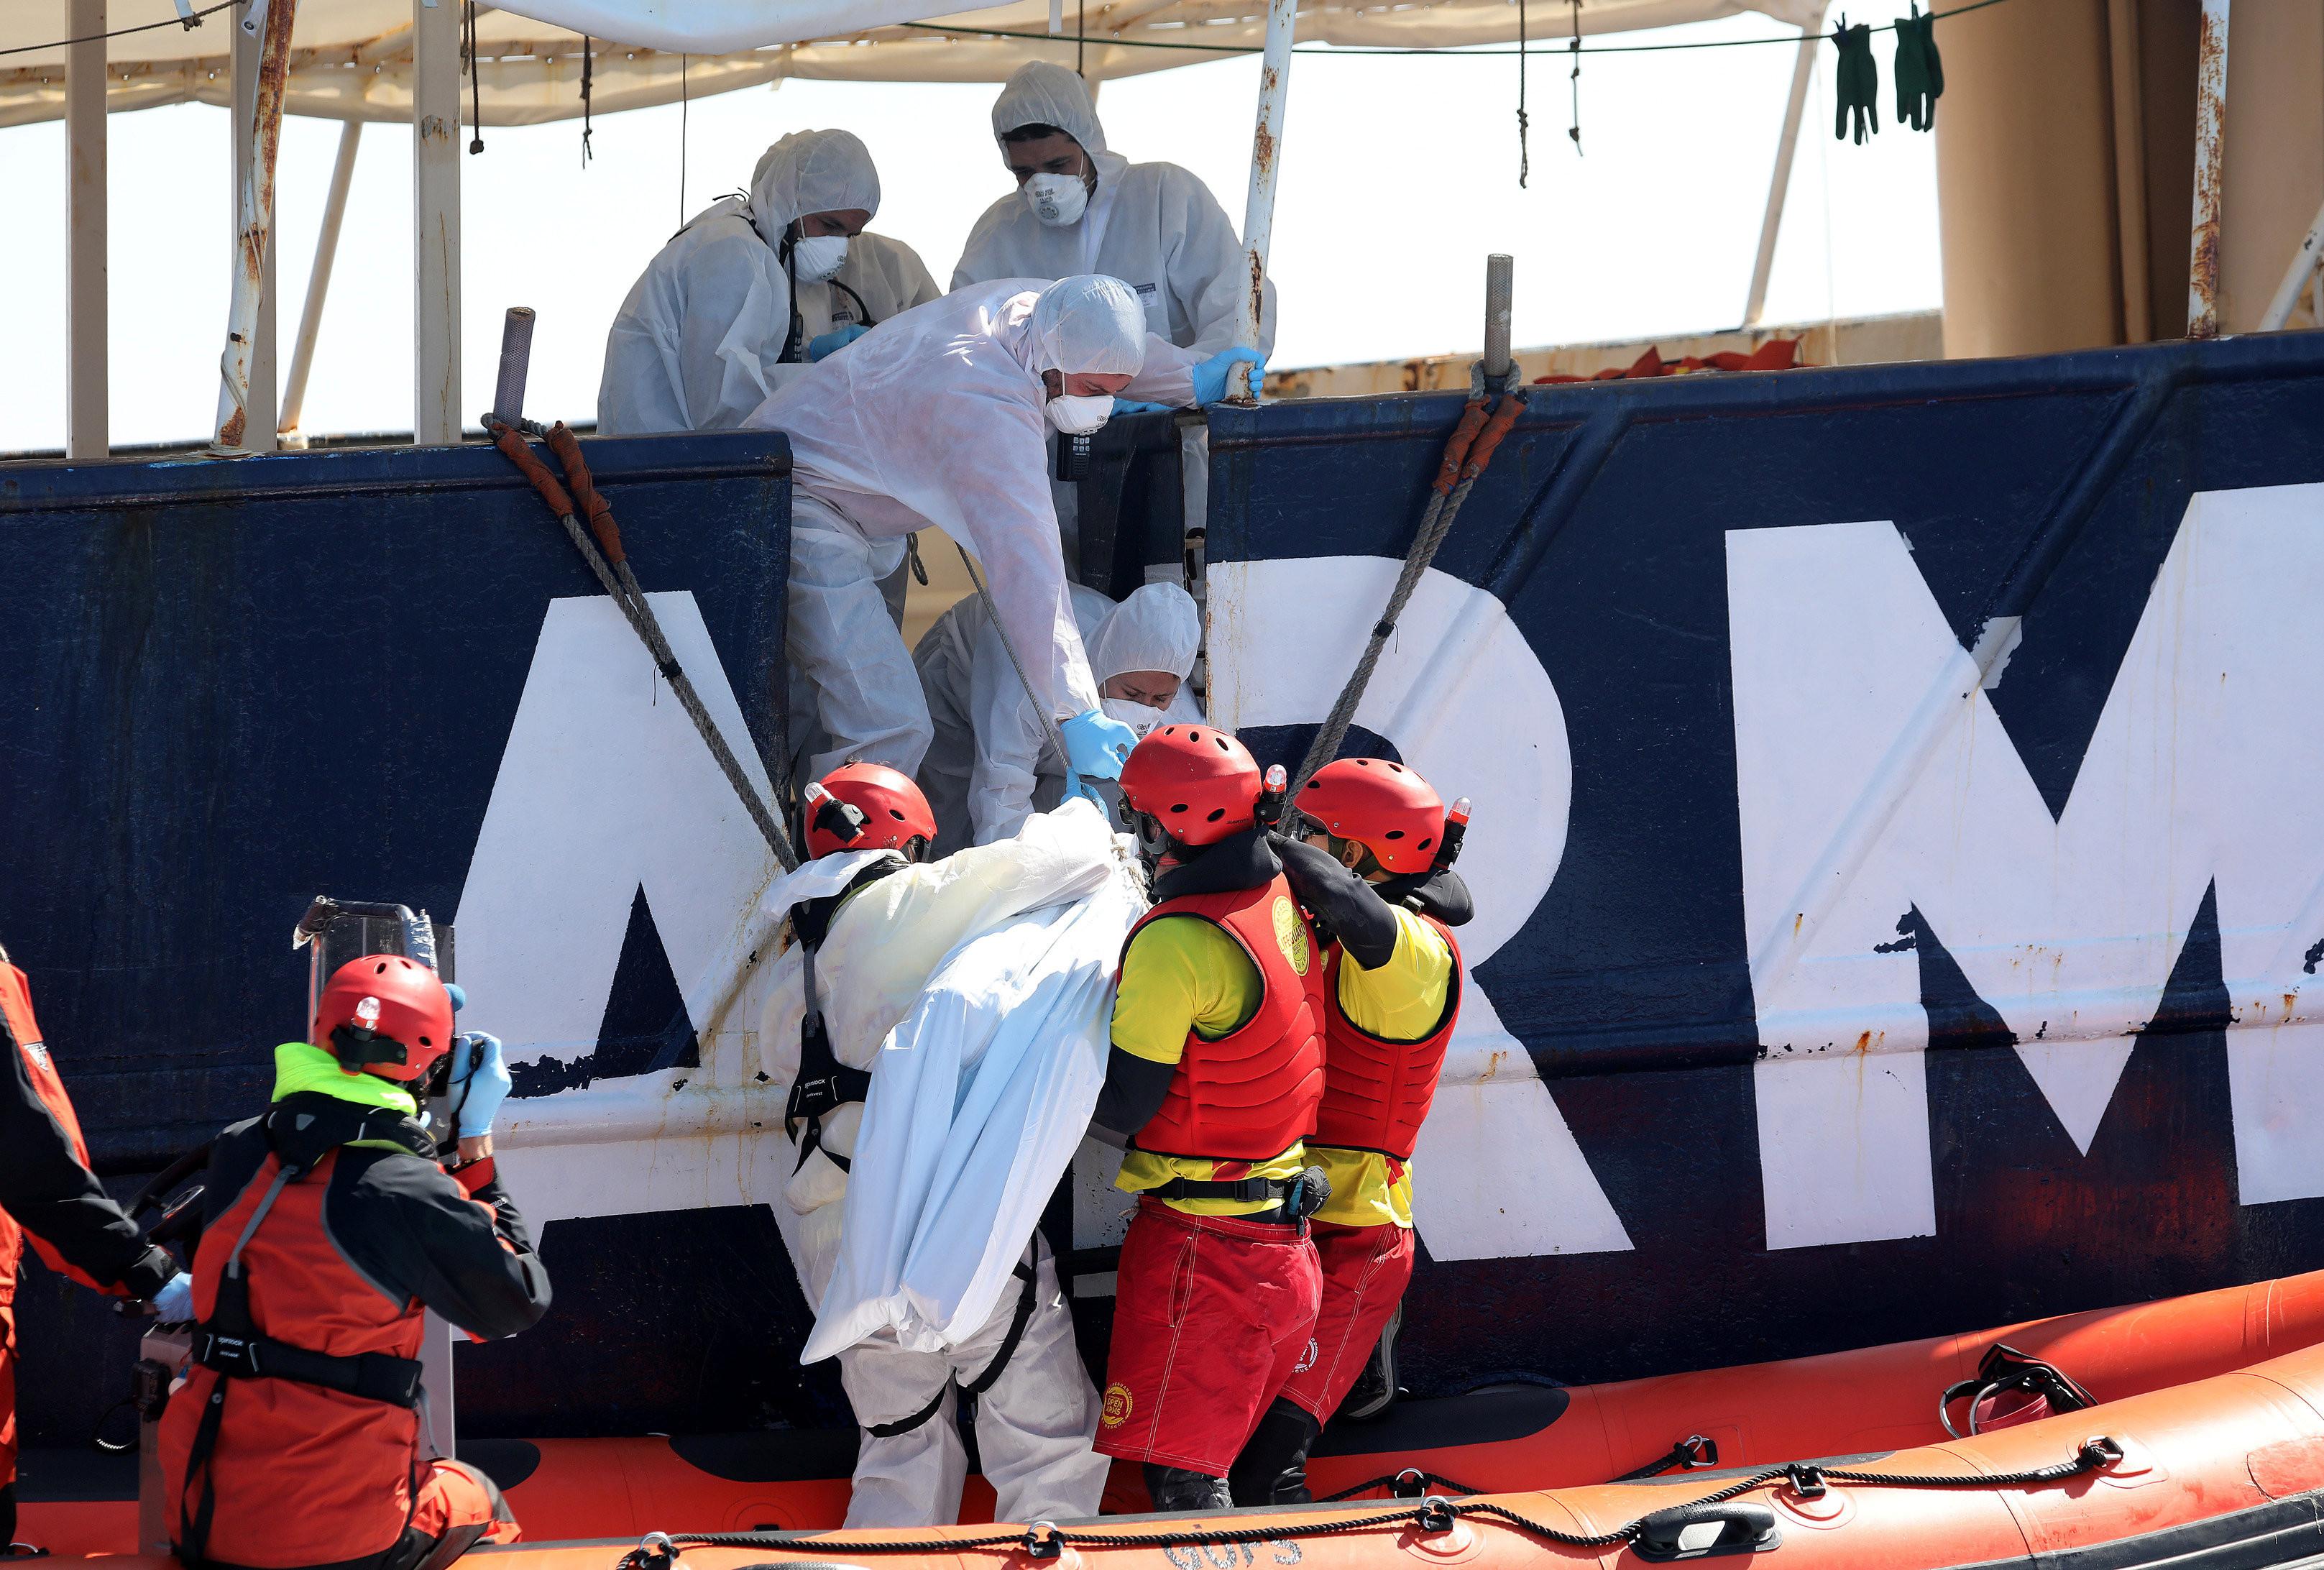 非洲难民想到欧洲谋生.小艇却沉没地中海250人丧命图片